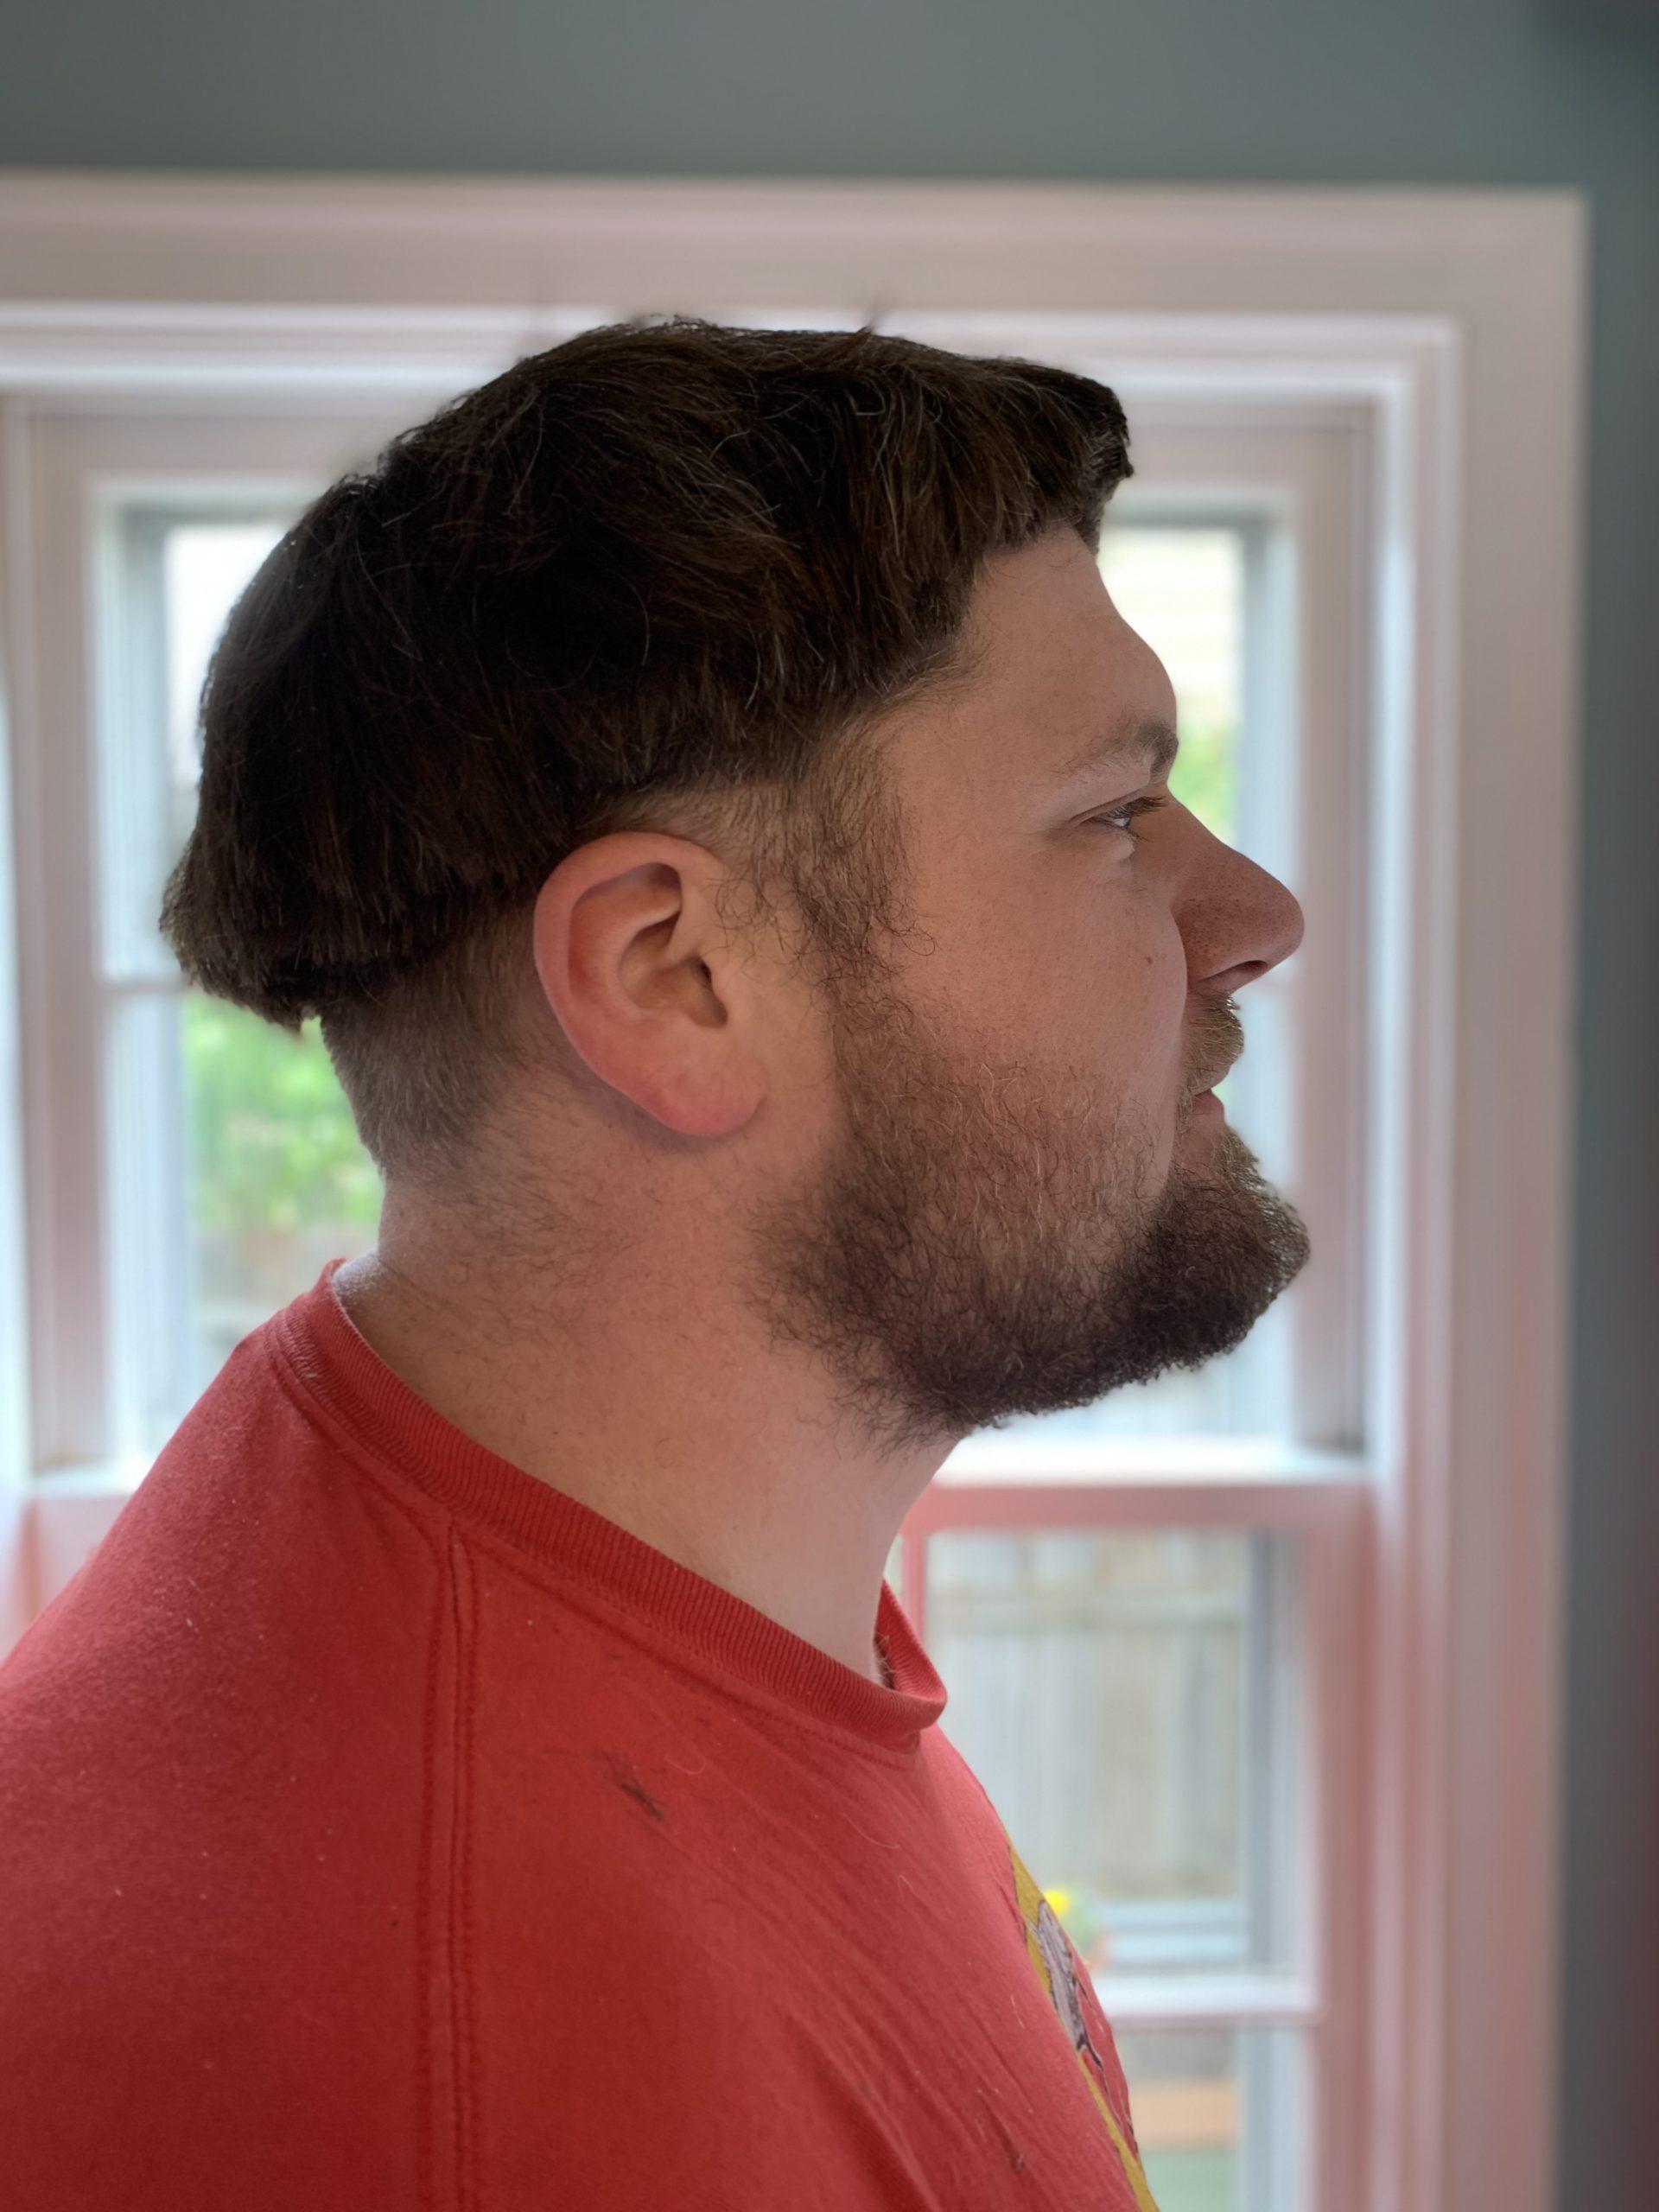 What is a Friar hair Cut?